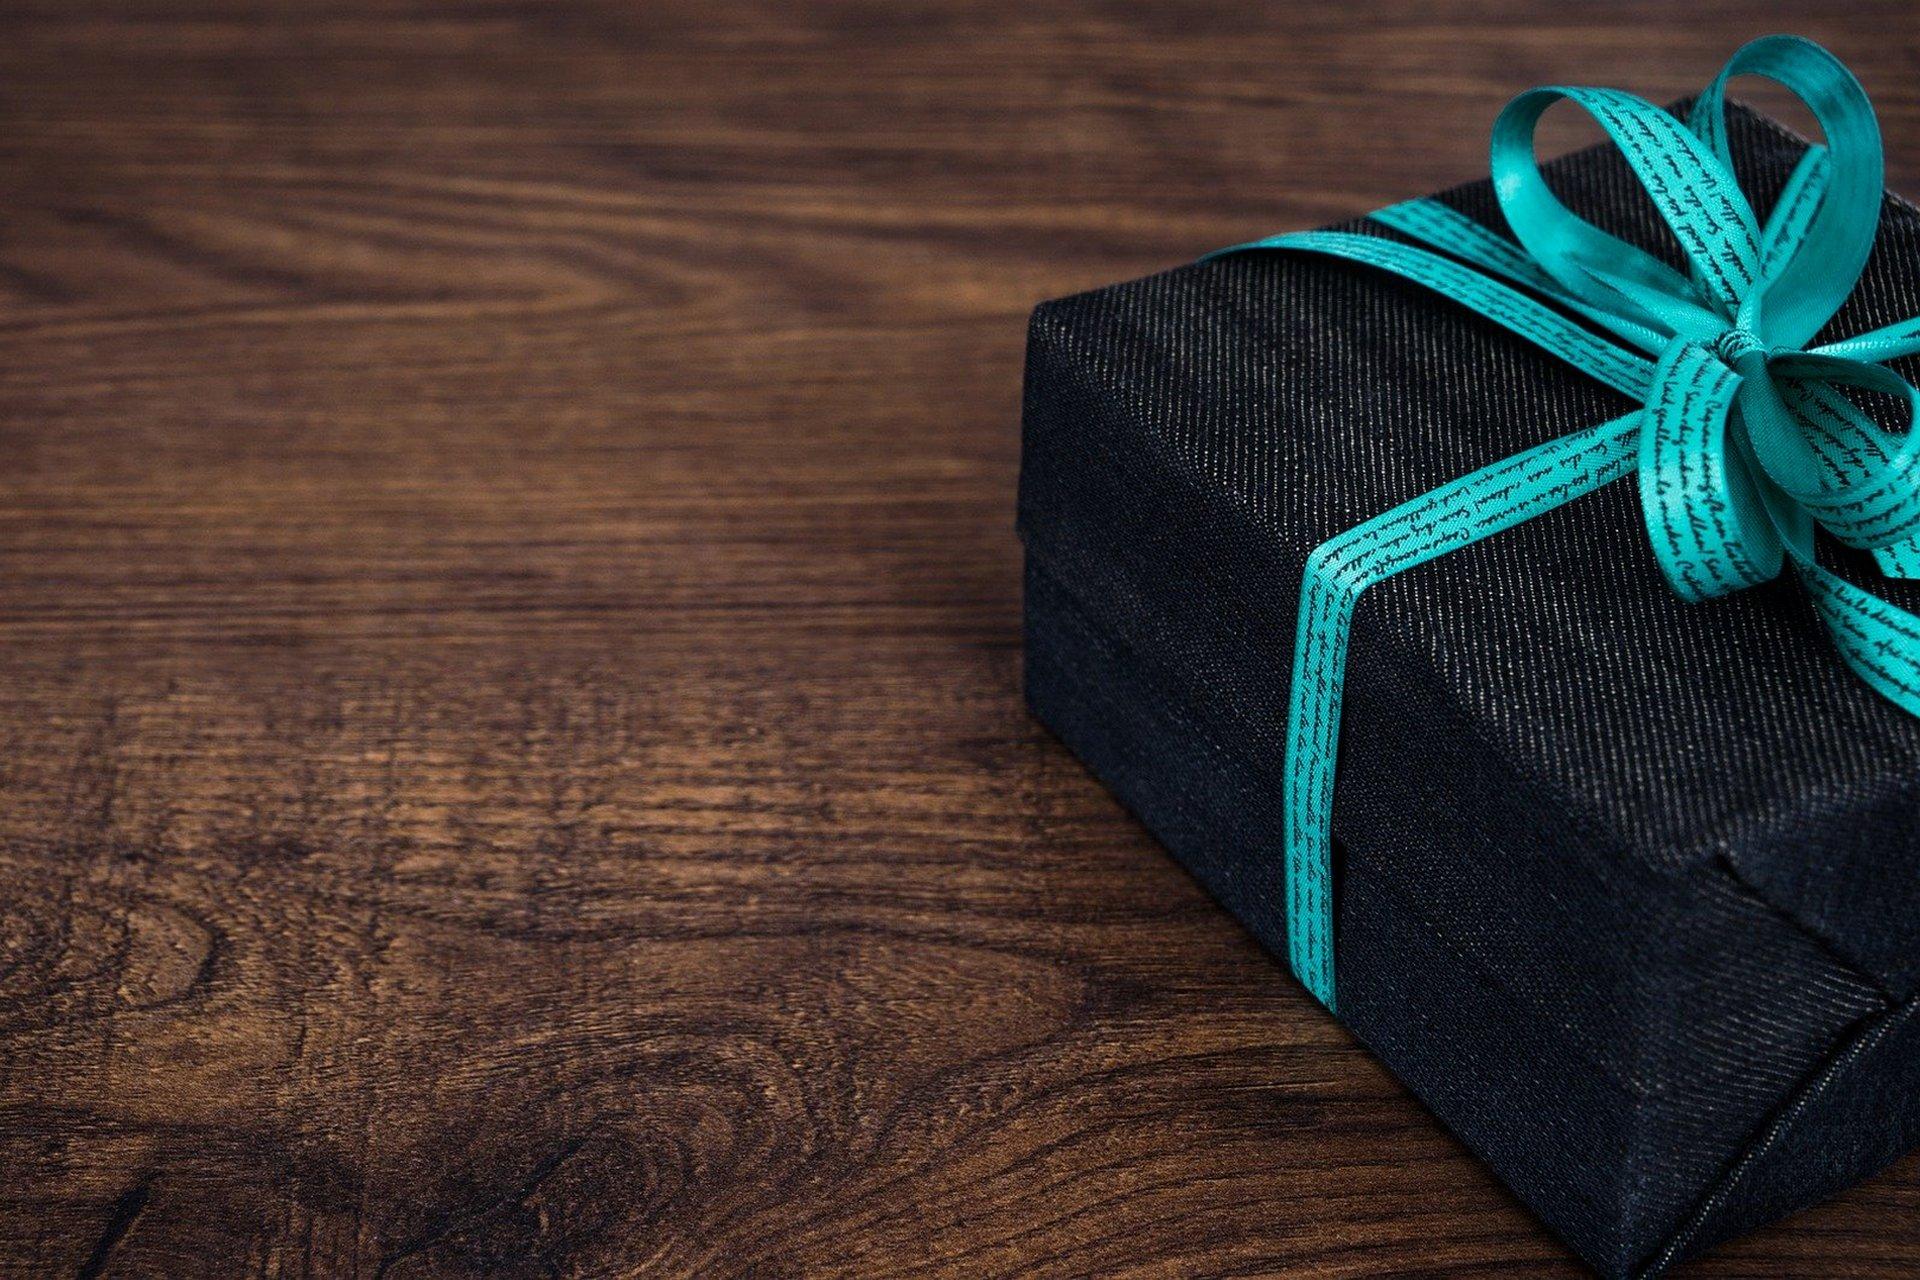 pomysł na prezent na rocznice ślubu / zwiazku